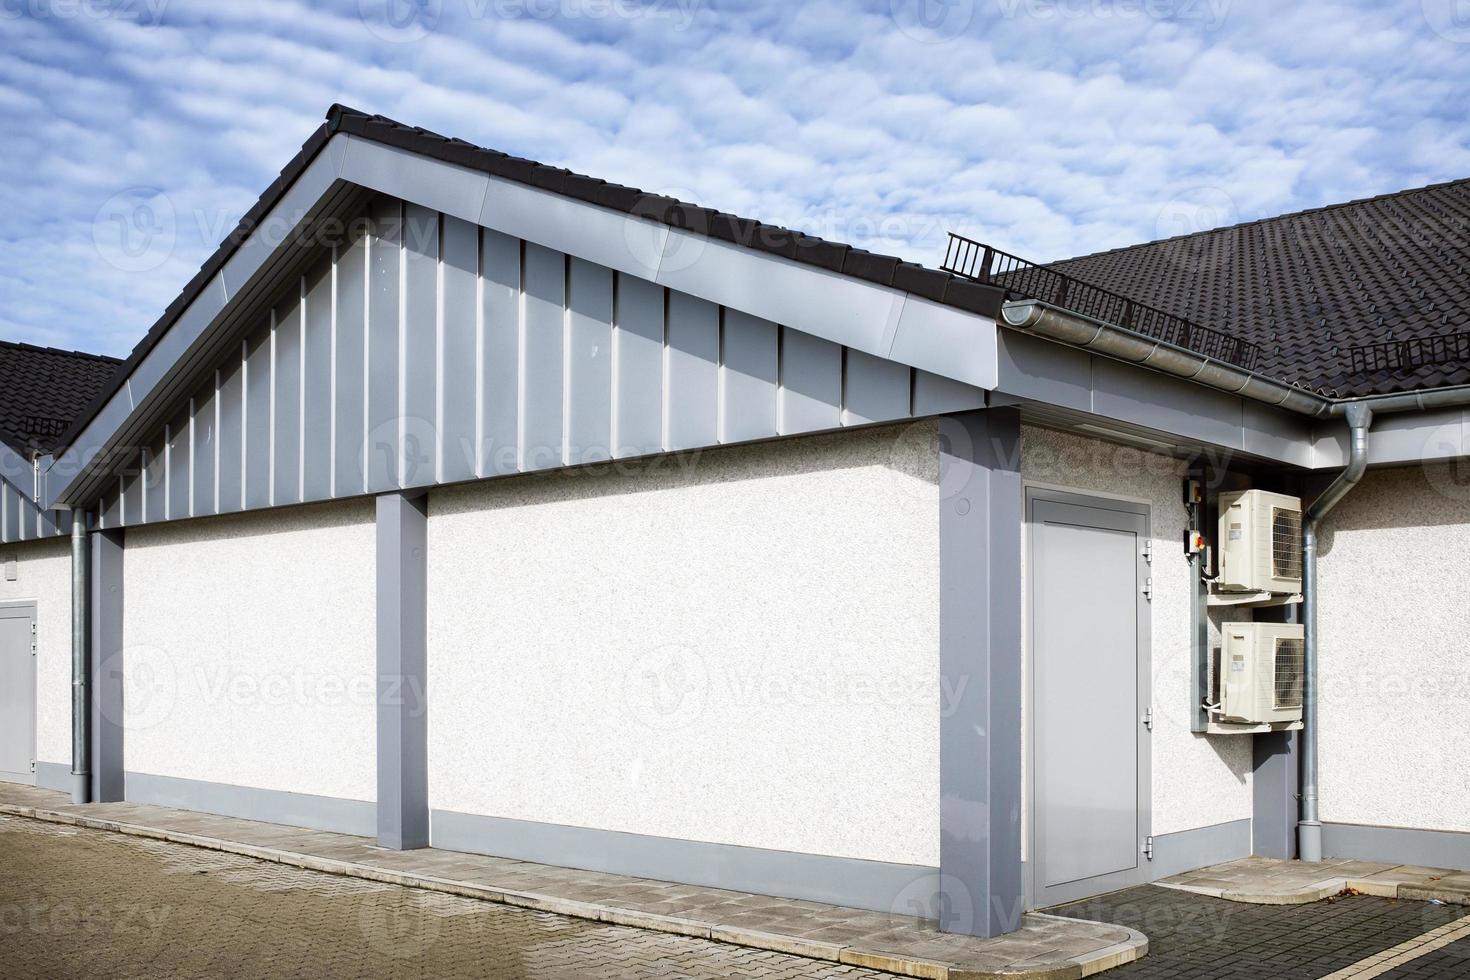 facciata moderna del negozio foto